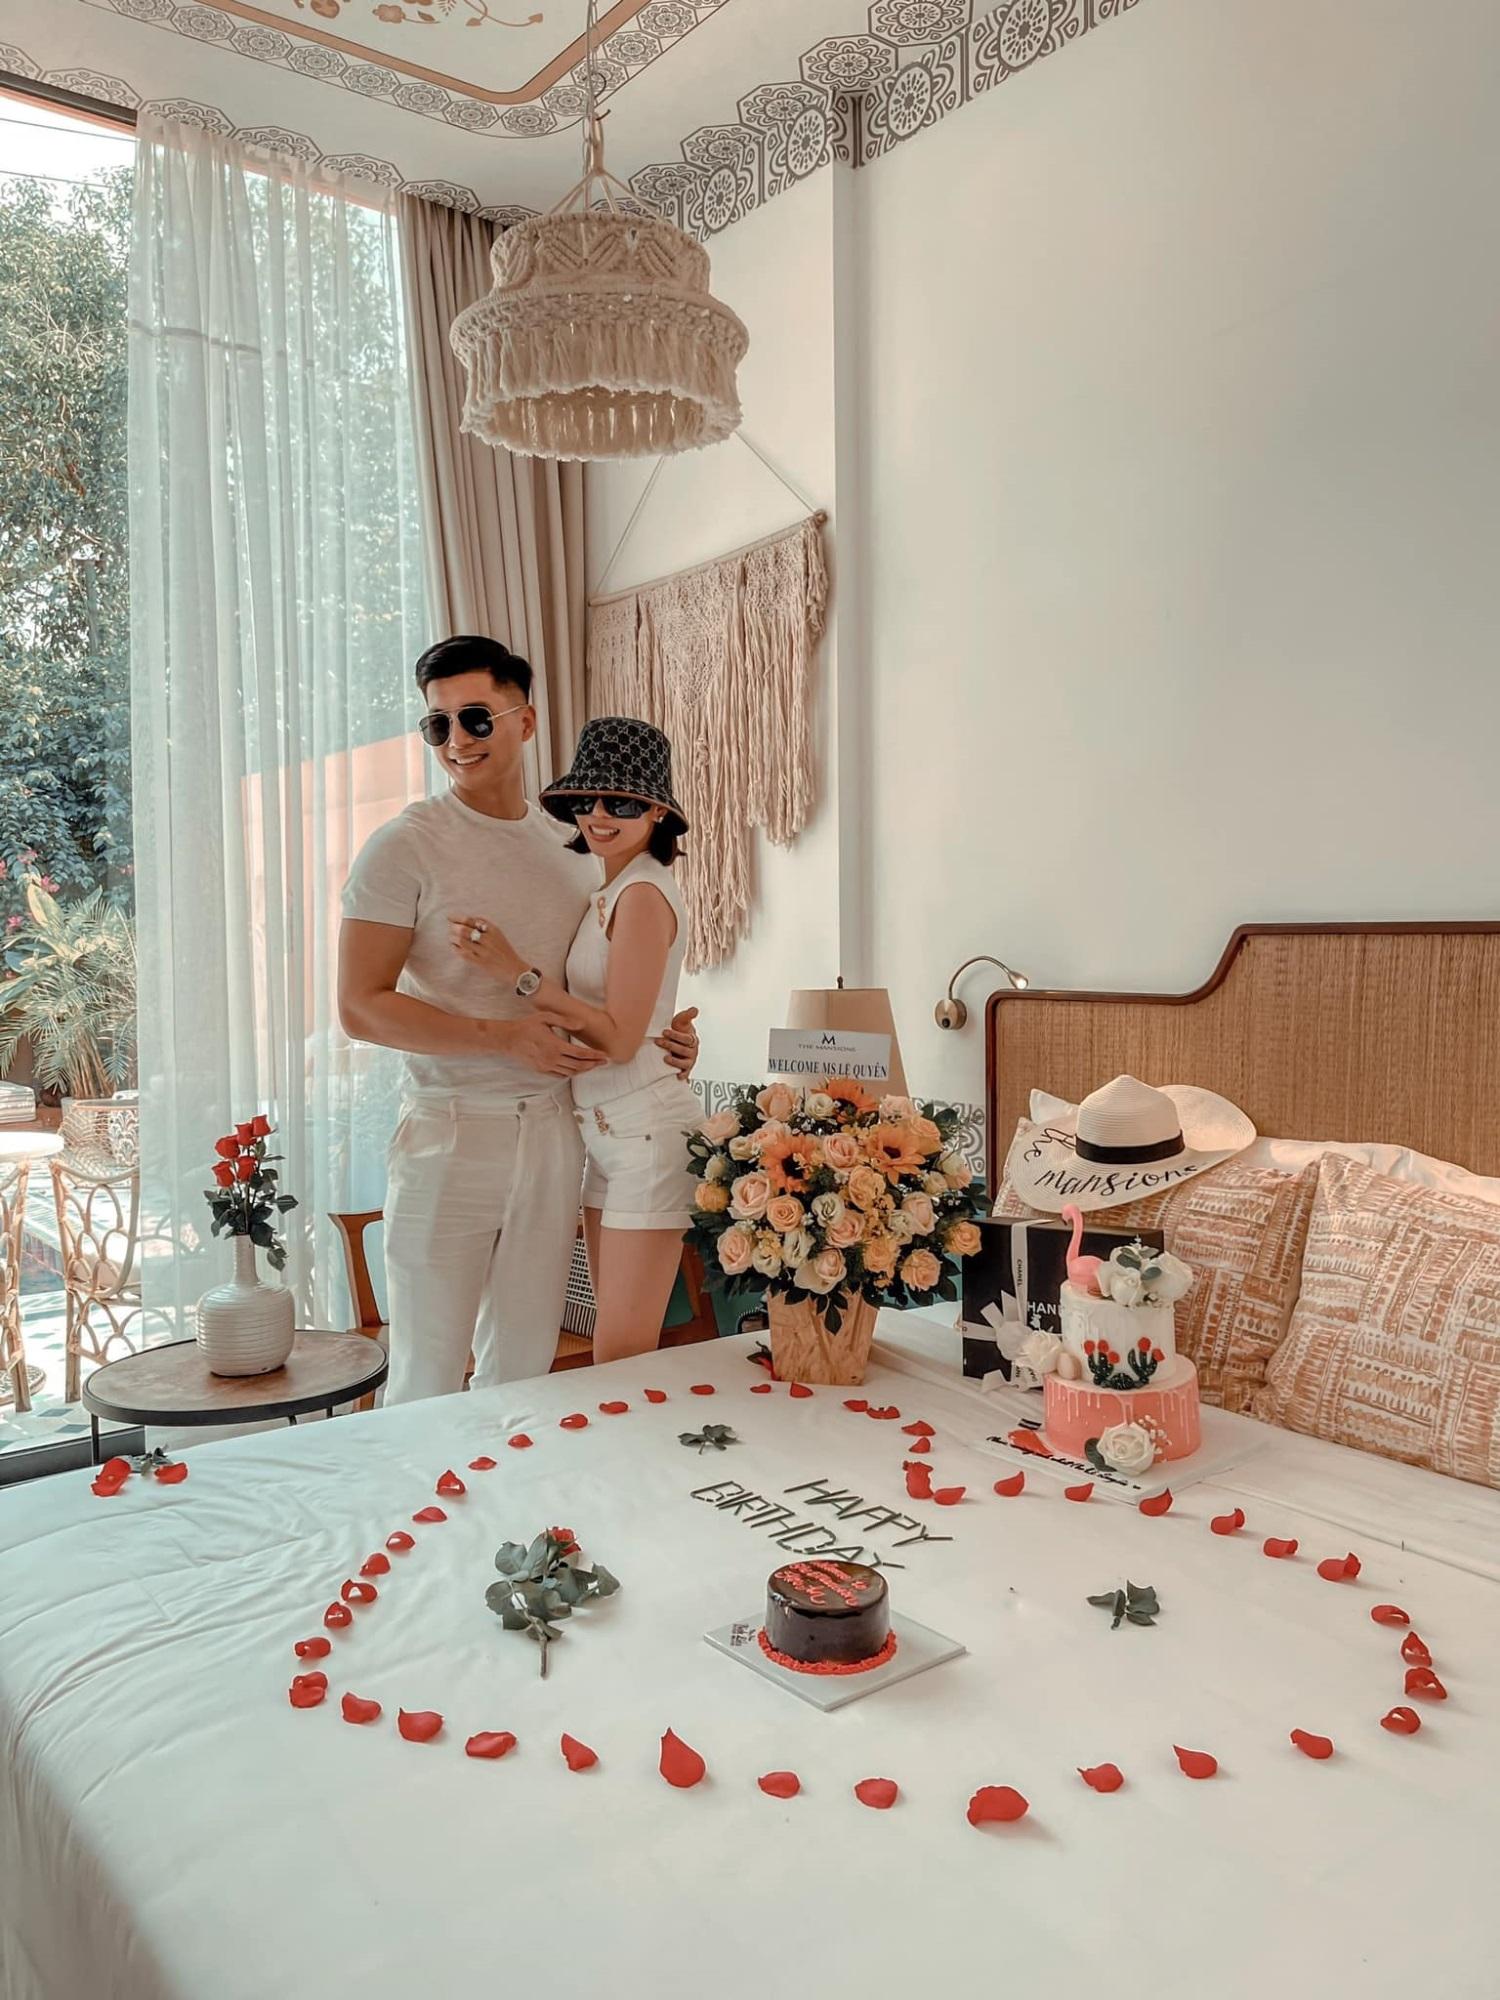 Hôn nhân tan vỡ, mỹ nhân Việt nên duyên cùng tình trẻ: Người được cưng chiều hết nấc, người kết hôn cùng 'phi công' kém 10 tuổi  - Ảnh 1